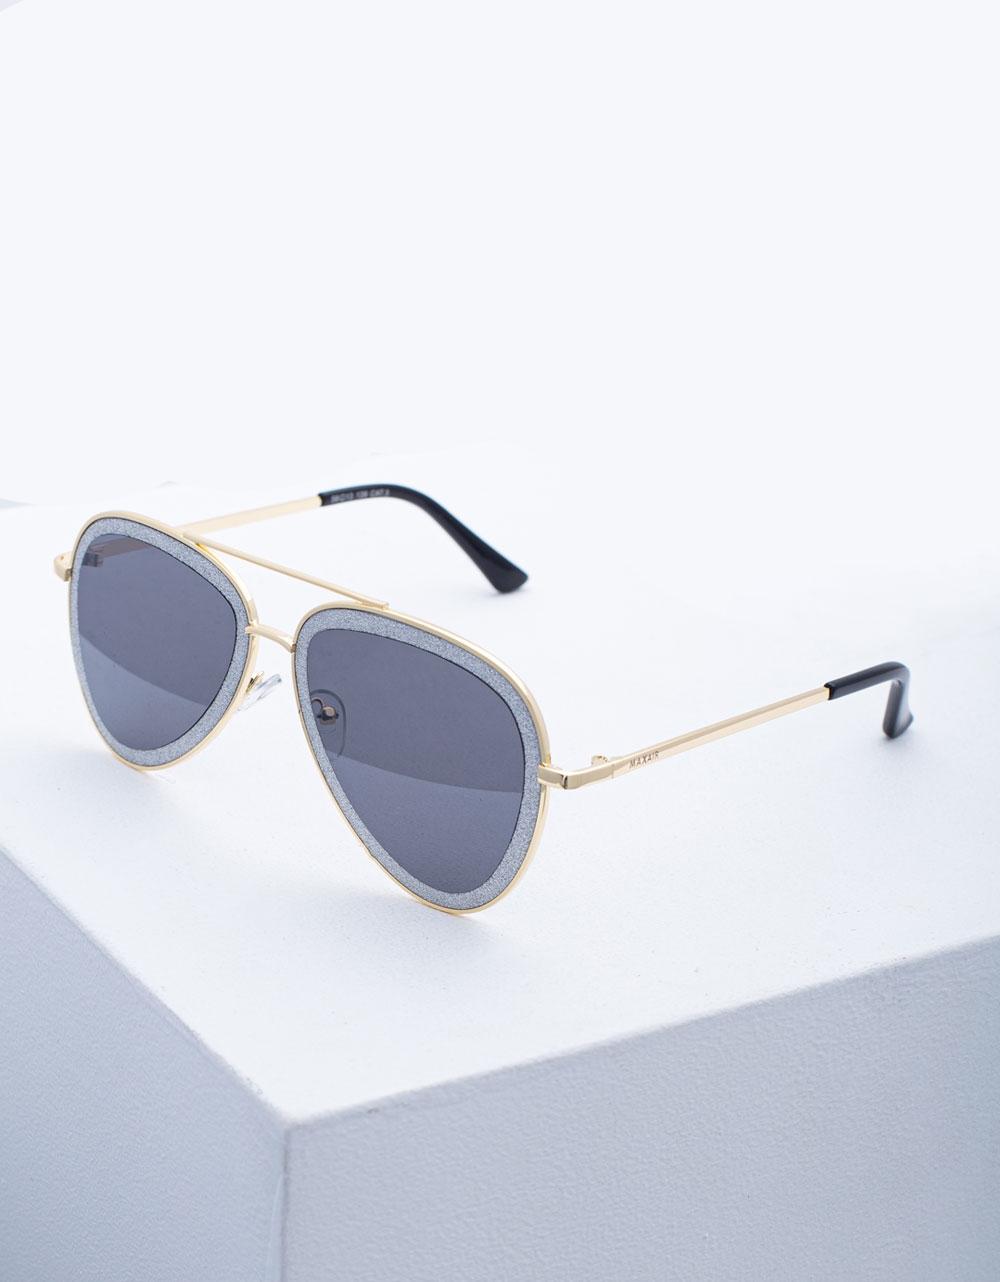 Εικόνα από Γυναικεία γυαλιά ηλίου με λεπτό σκελετό Χρυσό